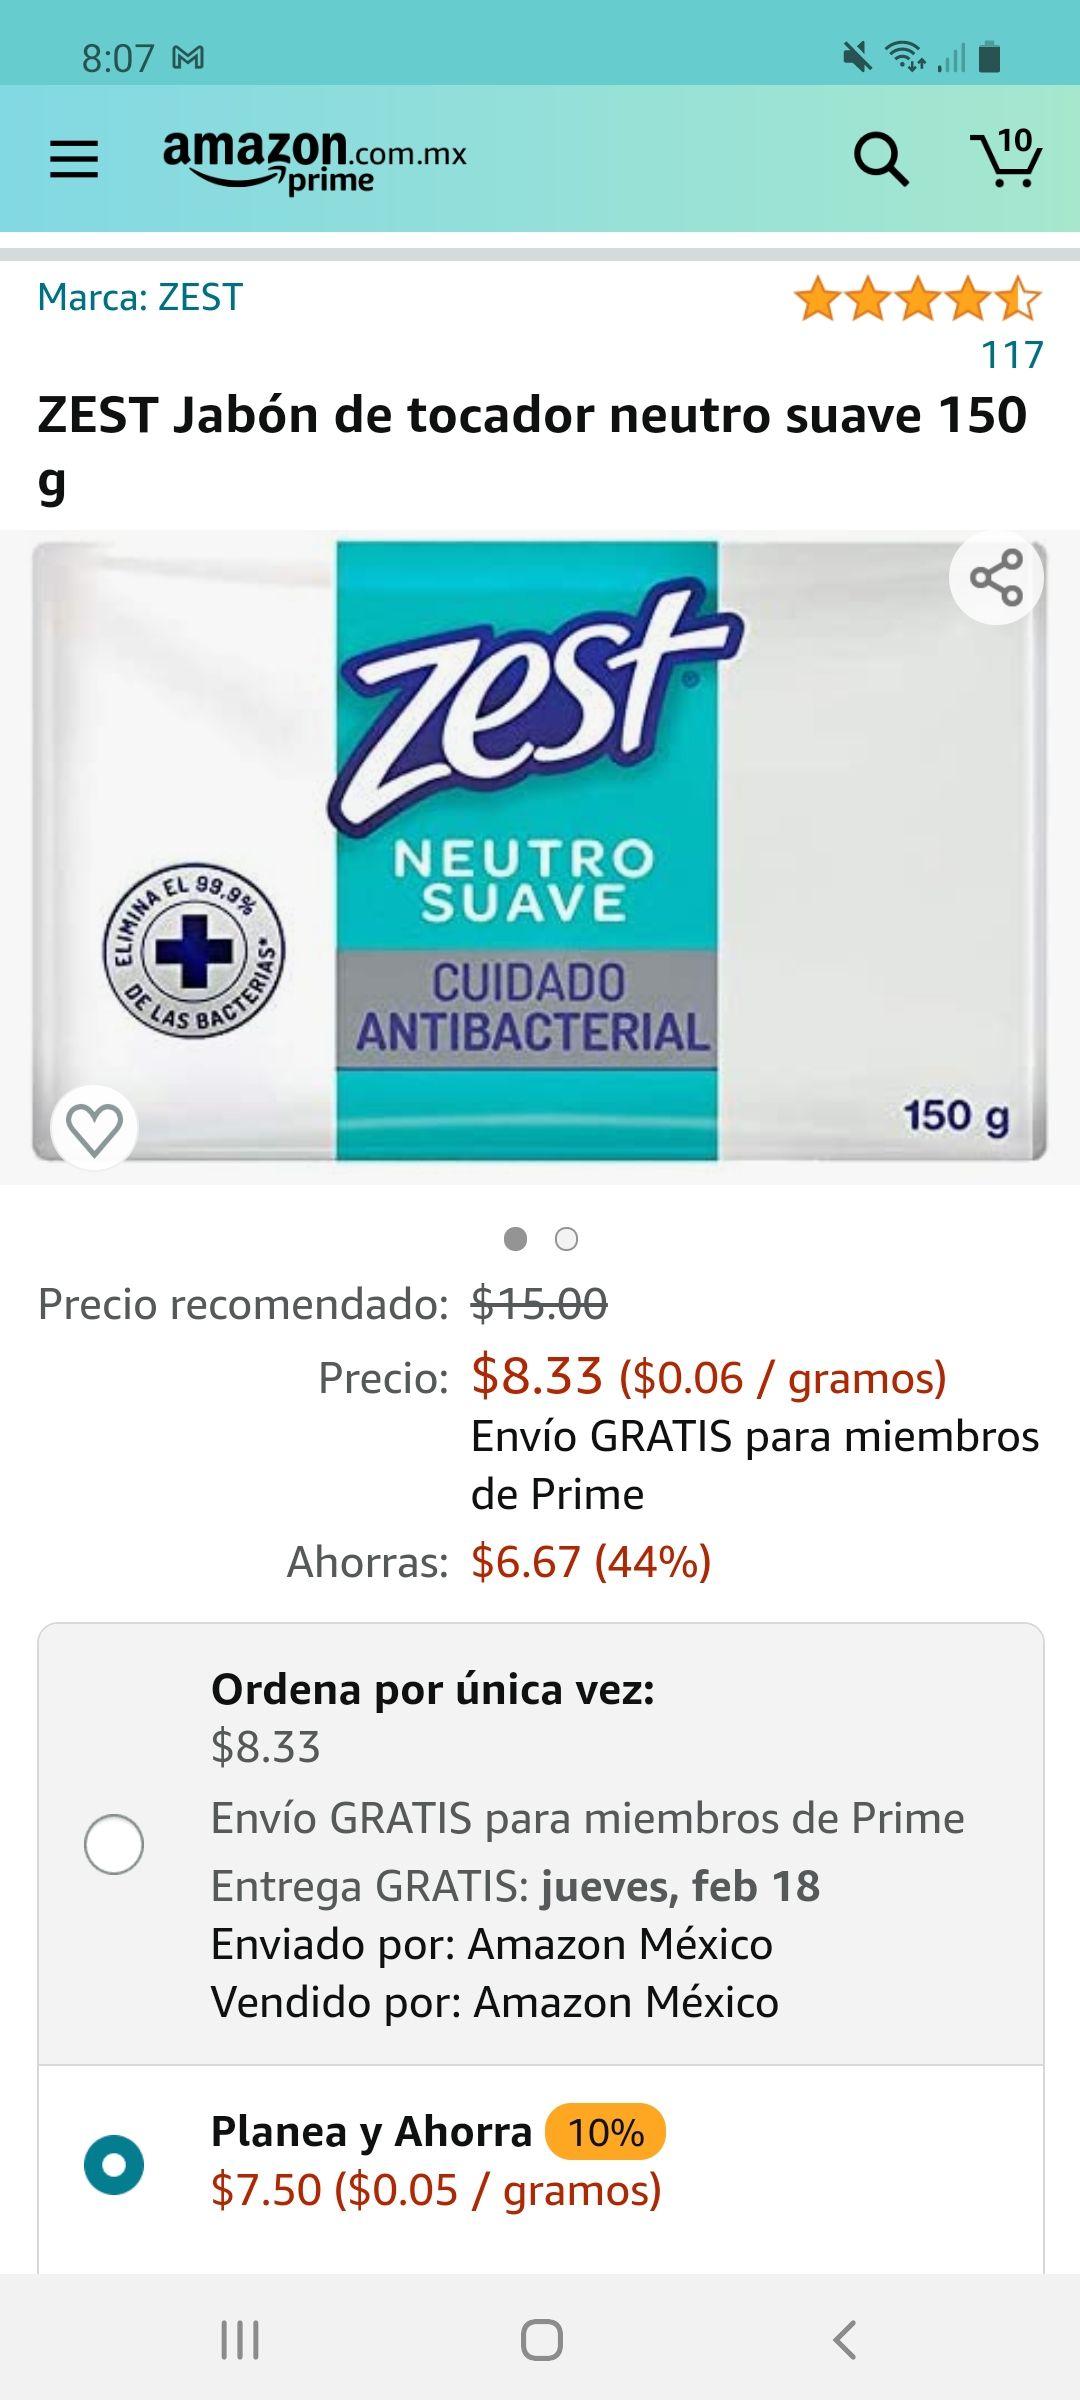 Amazon: ZEST Jabón de tocador neutro suave 150 g Y VARIOS AROMAS